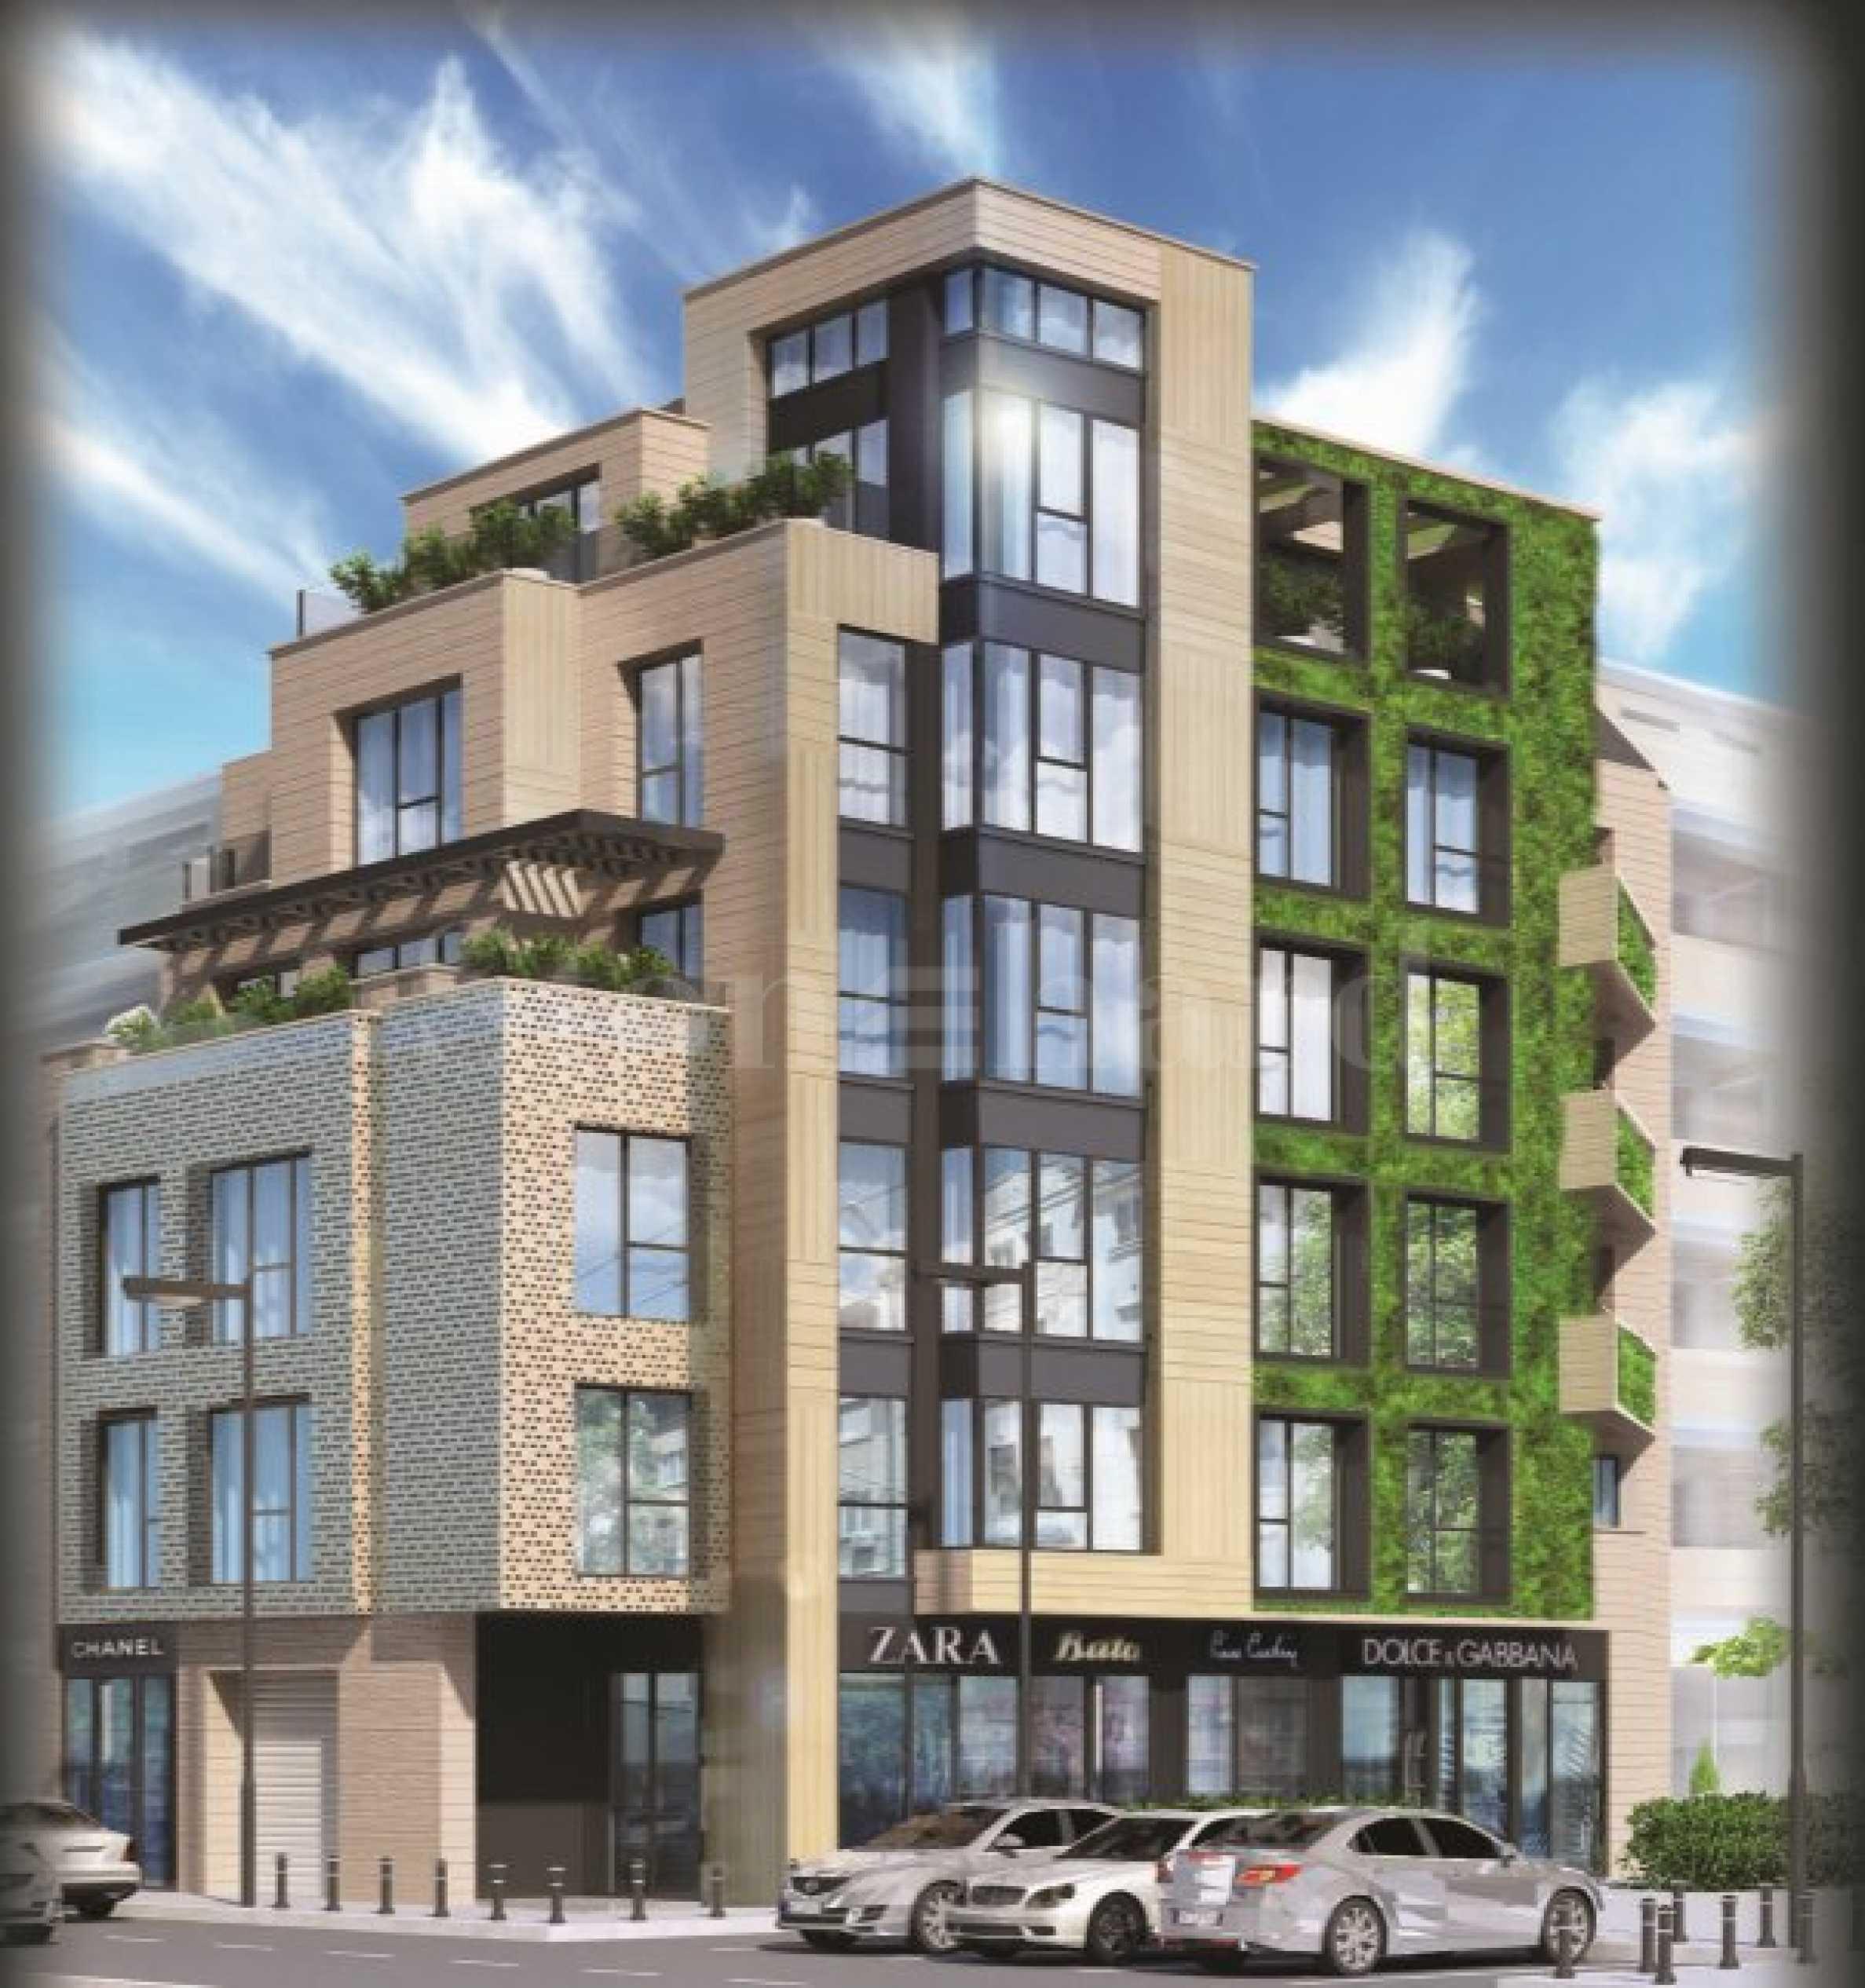 Апартаменти в нова луксозна сграда в центъра на Бургас1 - Stonehard